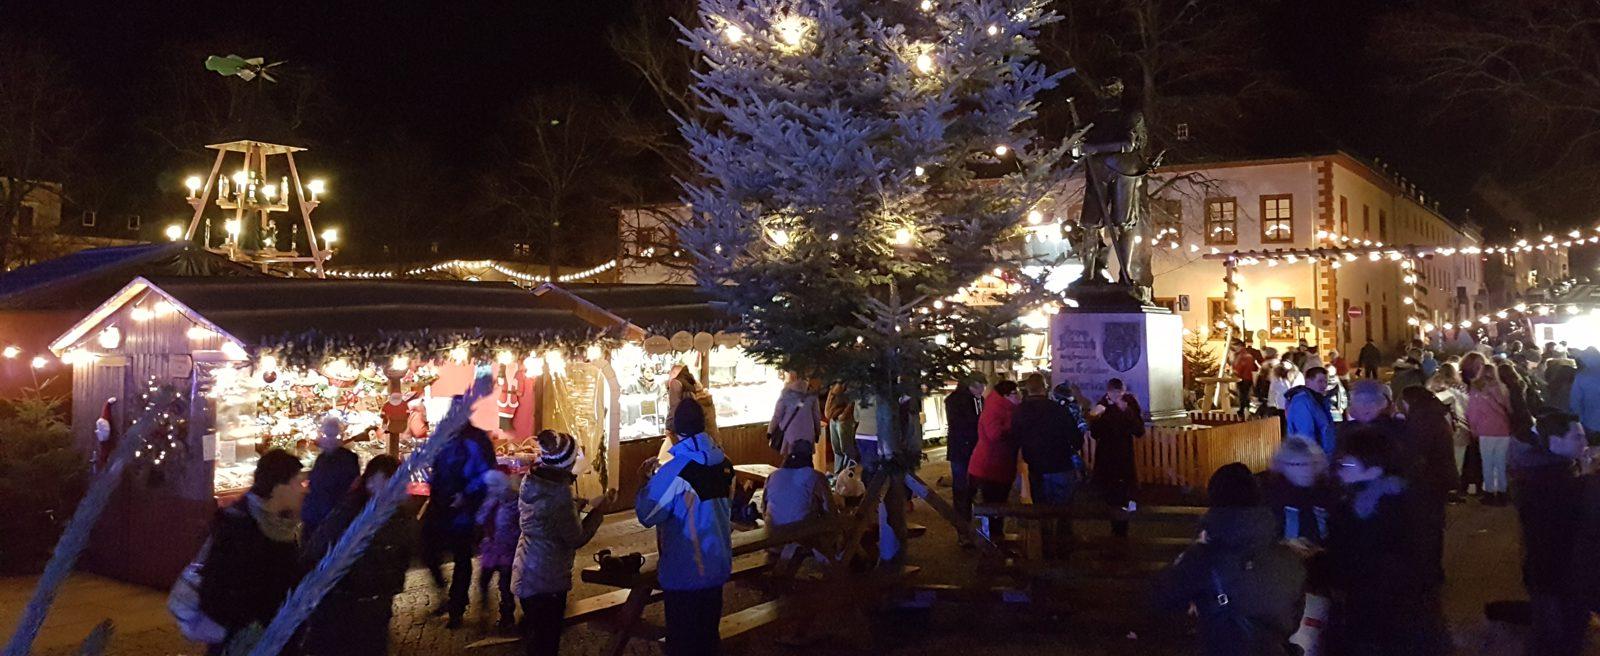 Was Gehört Auf Einen Weihnachtsmarkt.Marienberger Weihnachtsmarkt Im Erzgebirge